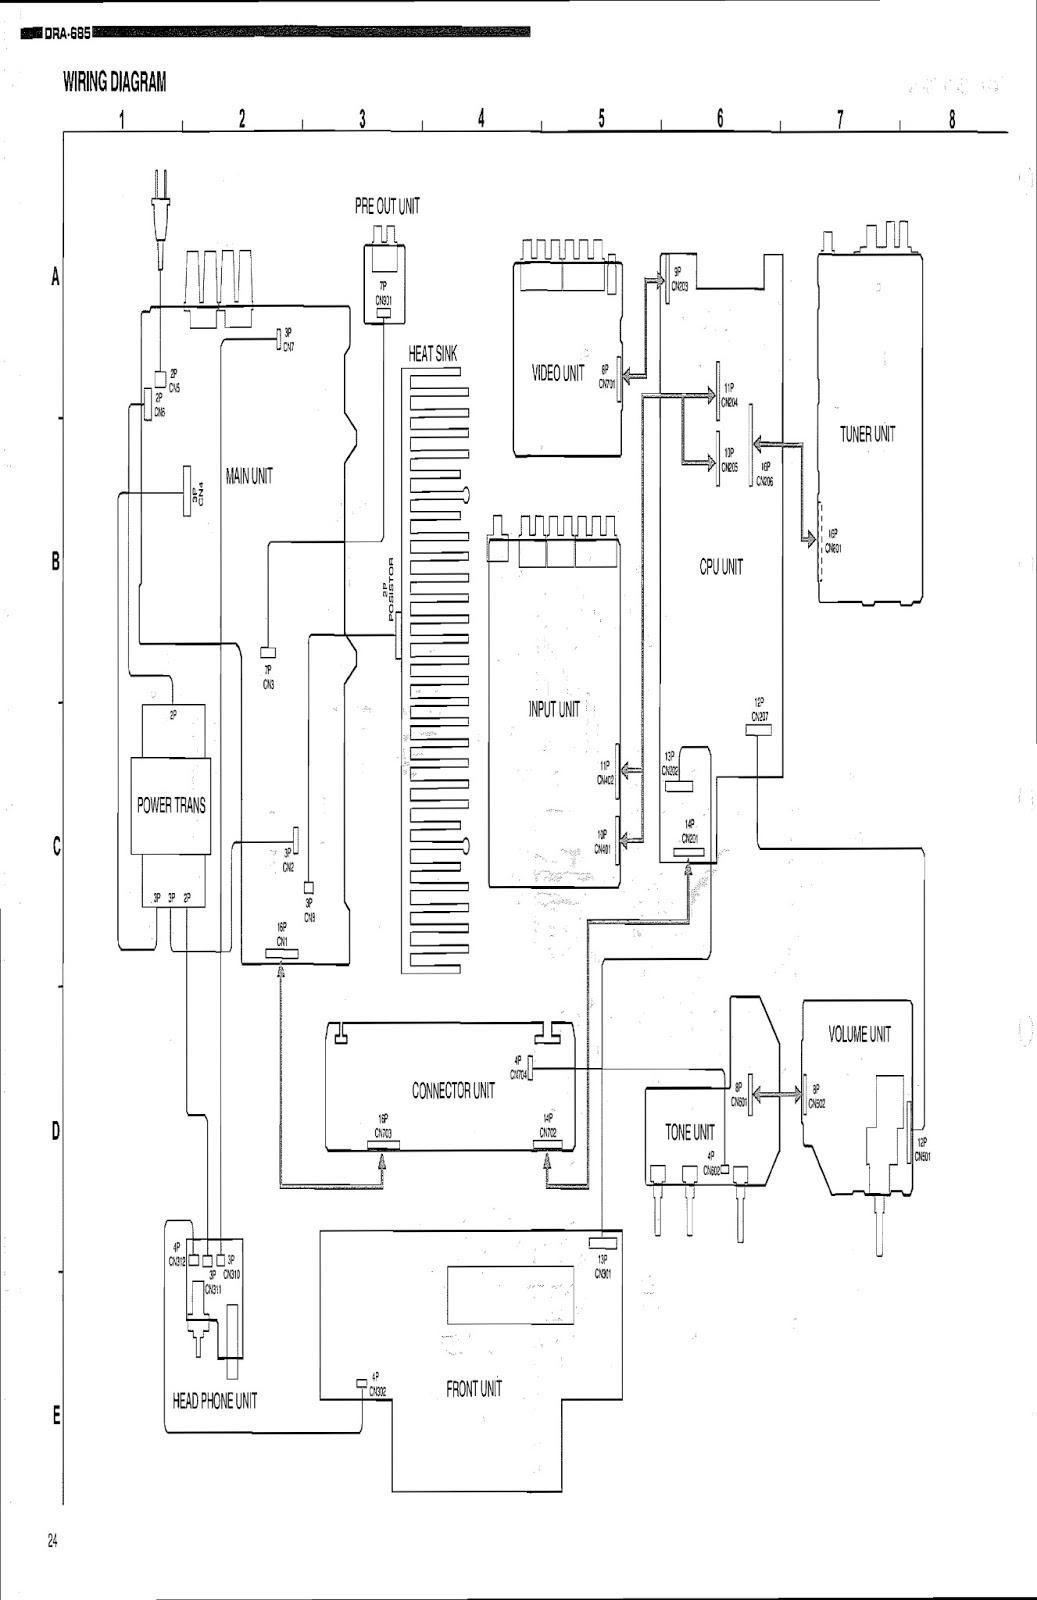 RCA RCR314WR 3-Device Universal Remote - m